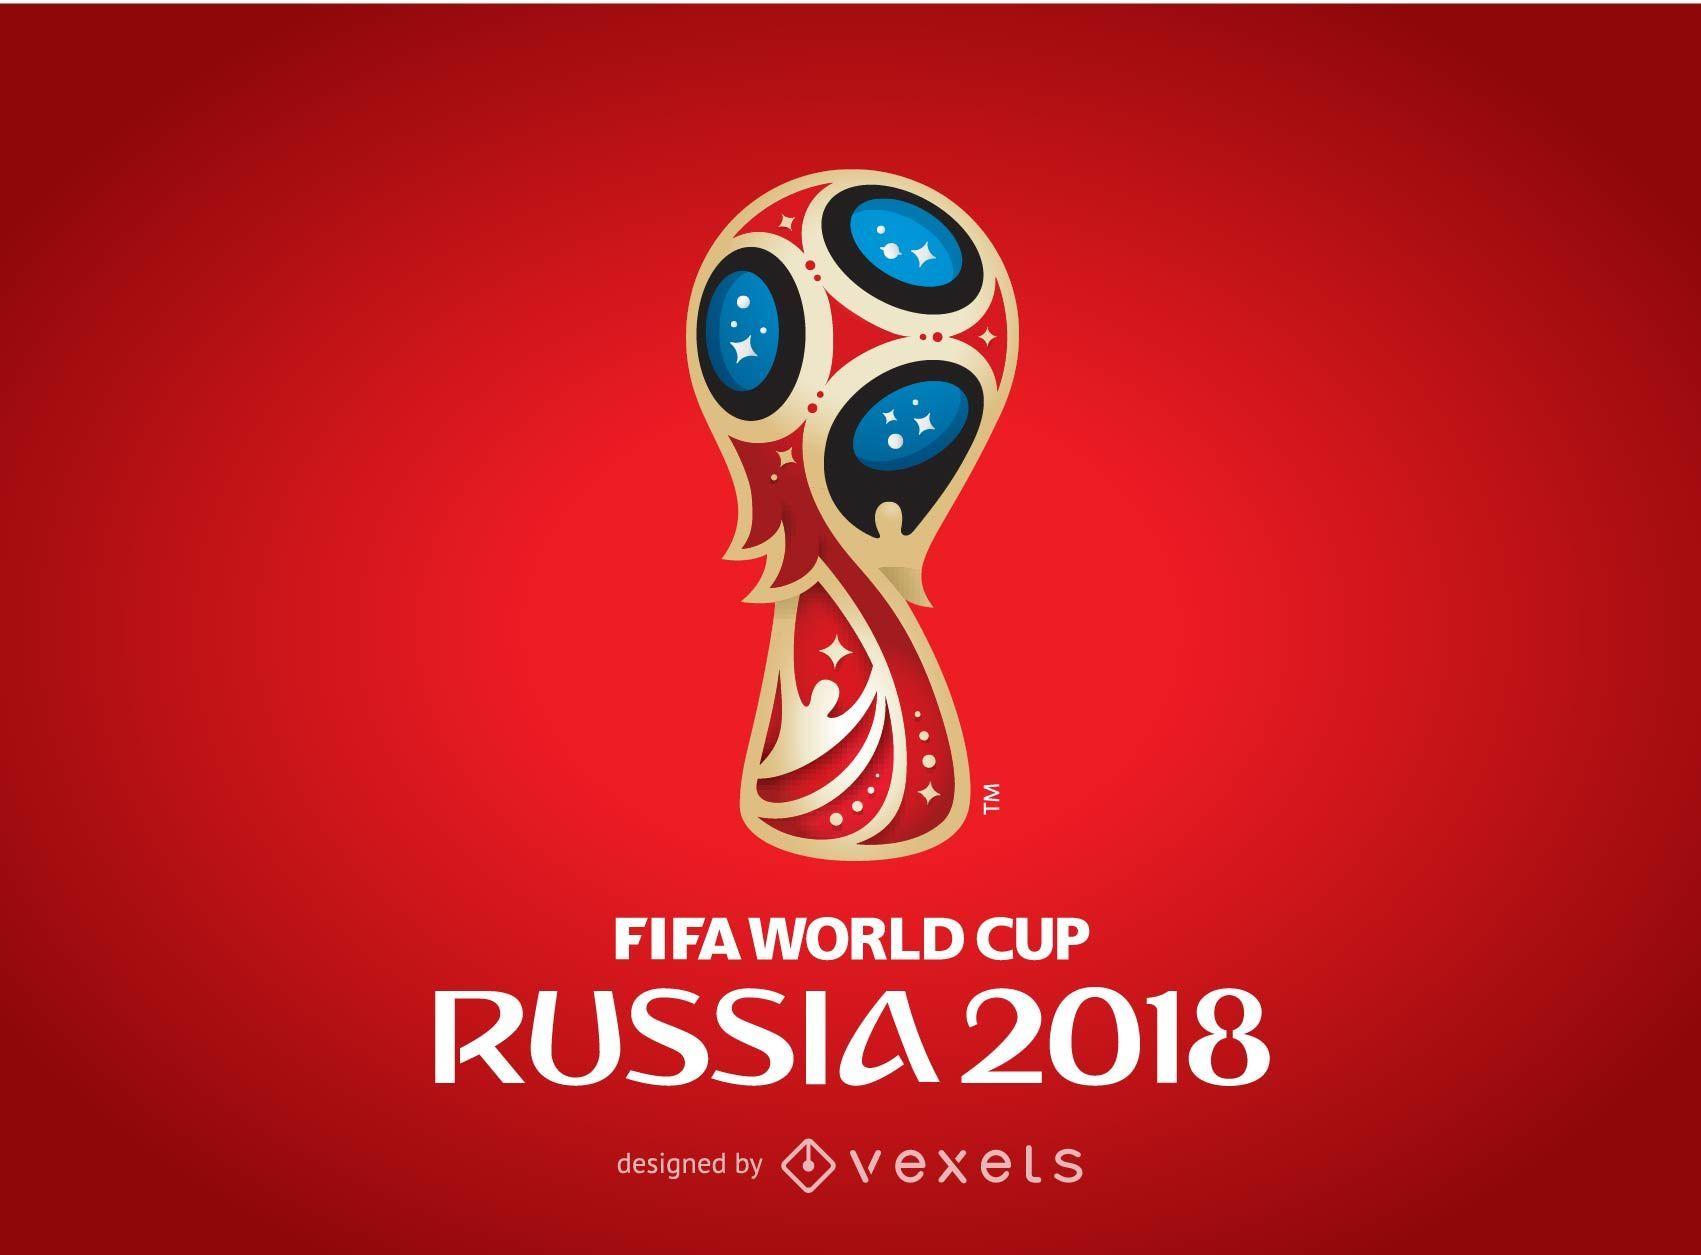 Mundial Russia 2018